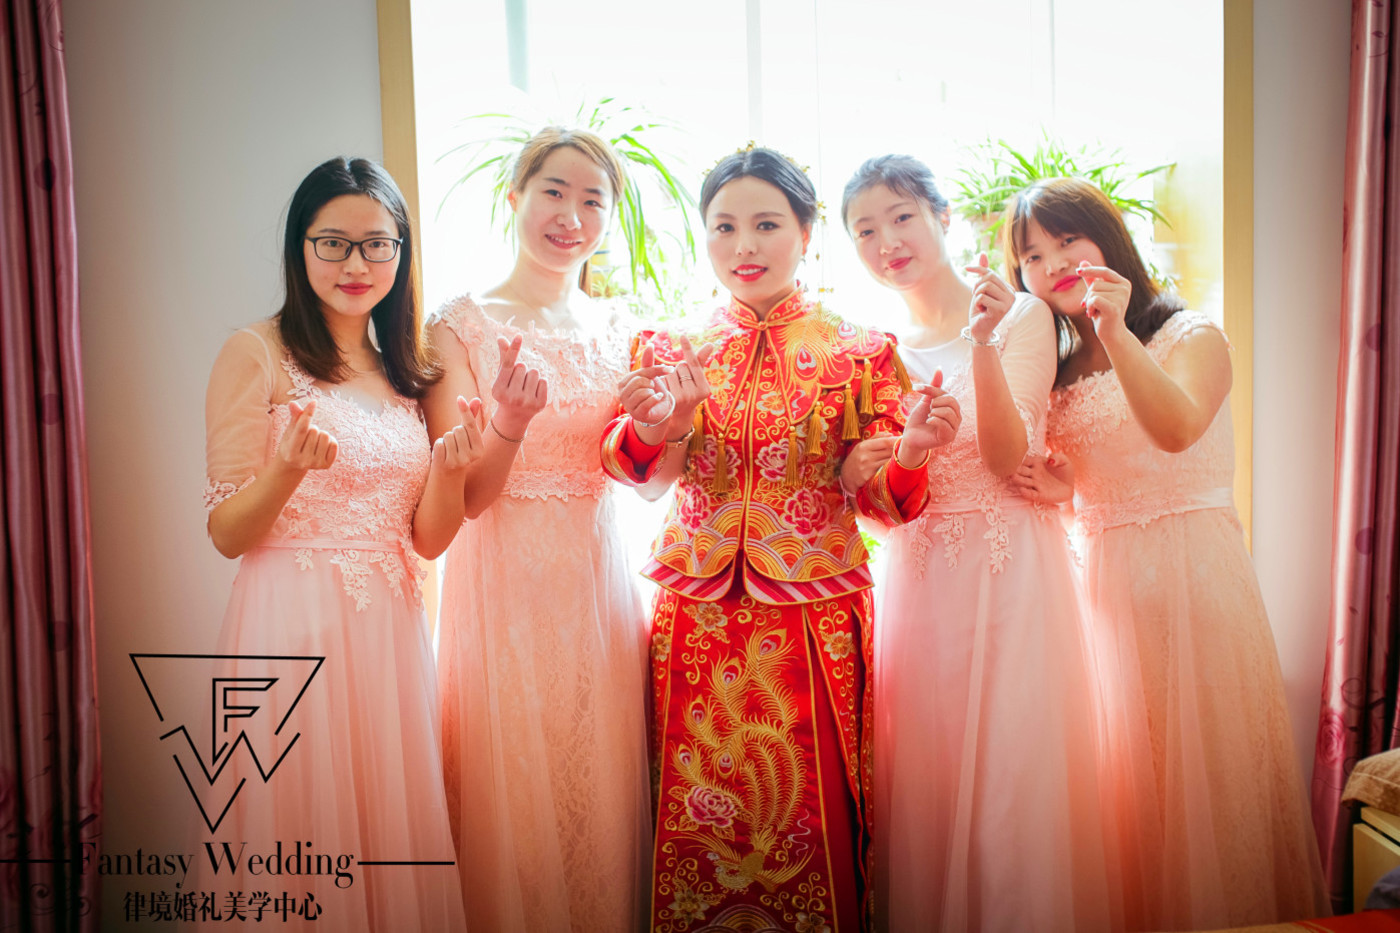 「Fantasy Wedding」&G R 白金汉爵5